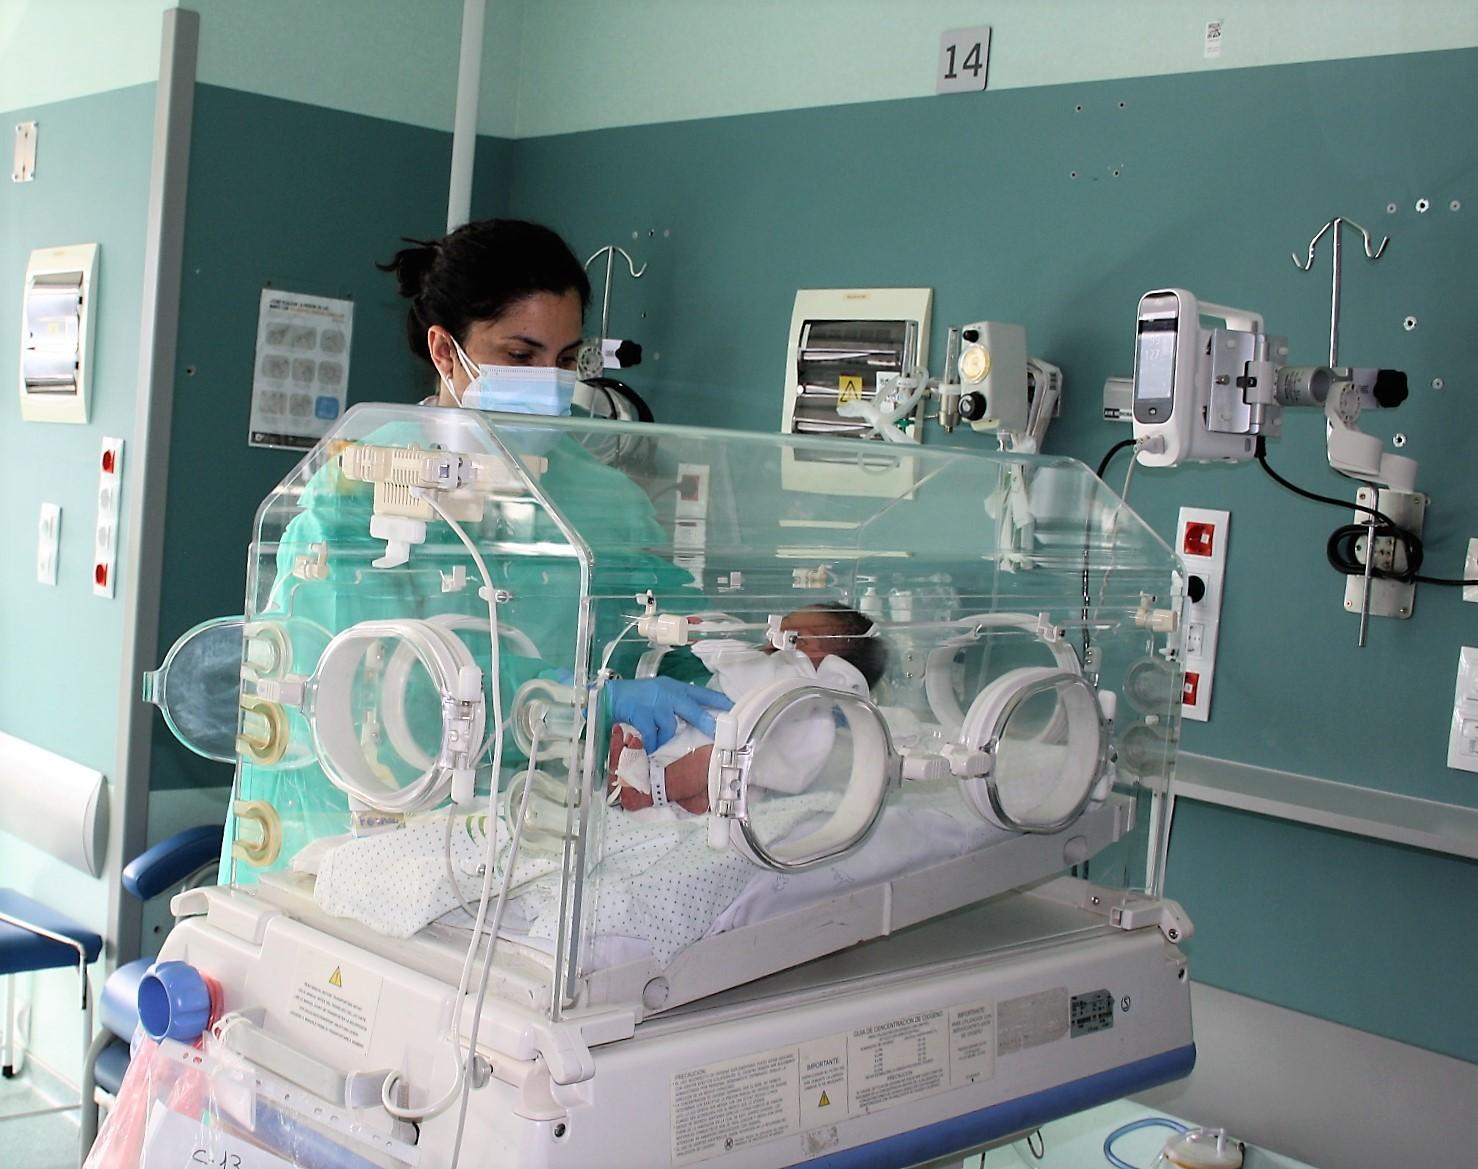 El Clínico reforma su Unidad Neonatal para propiciar un mayor contacto entre los recién nacidos y sus familias